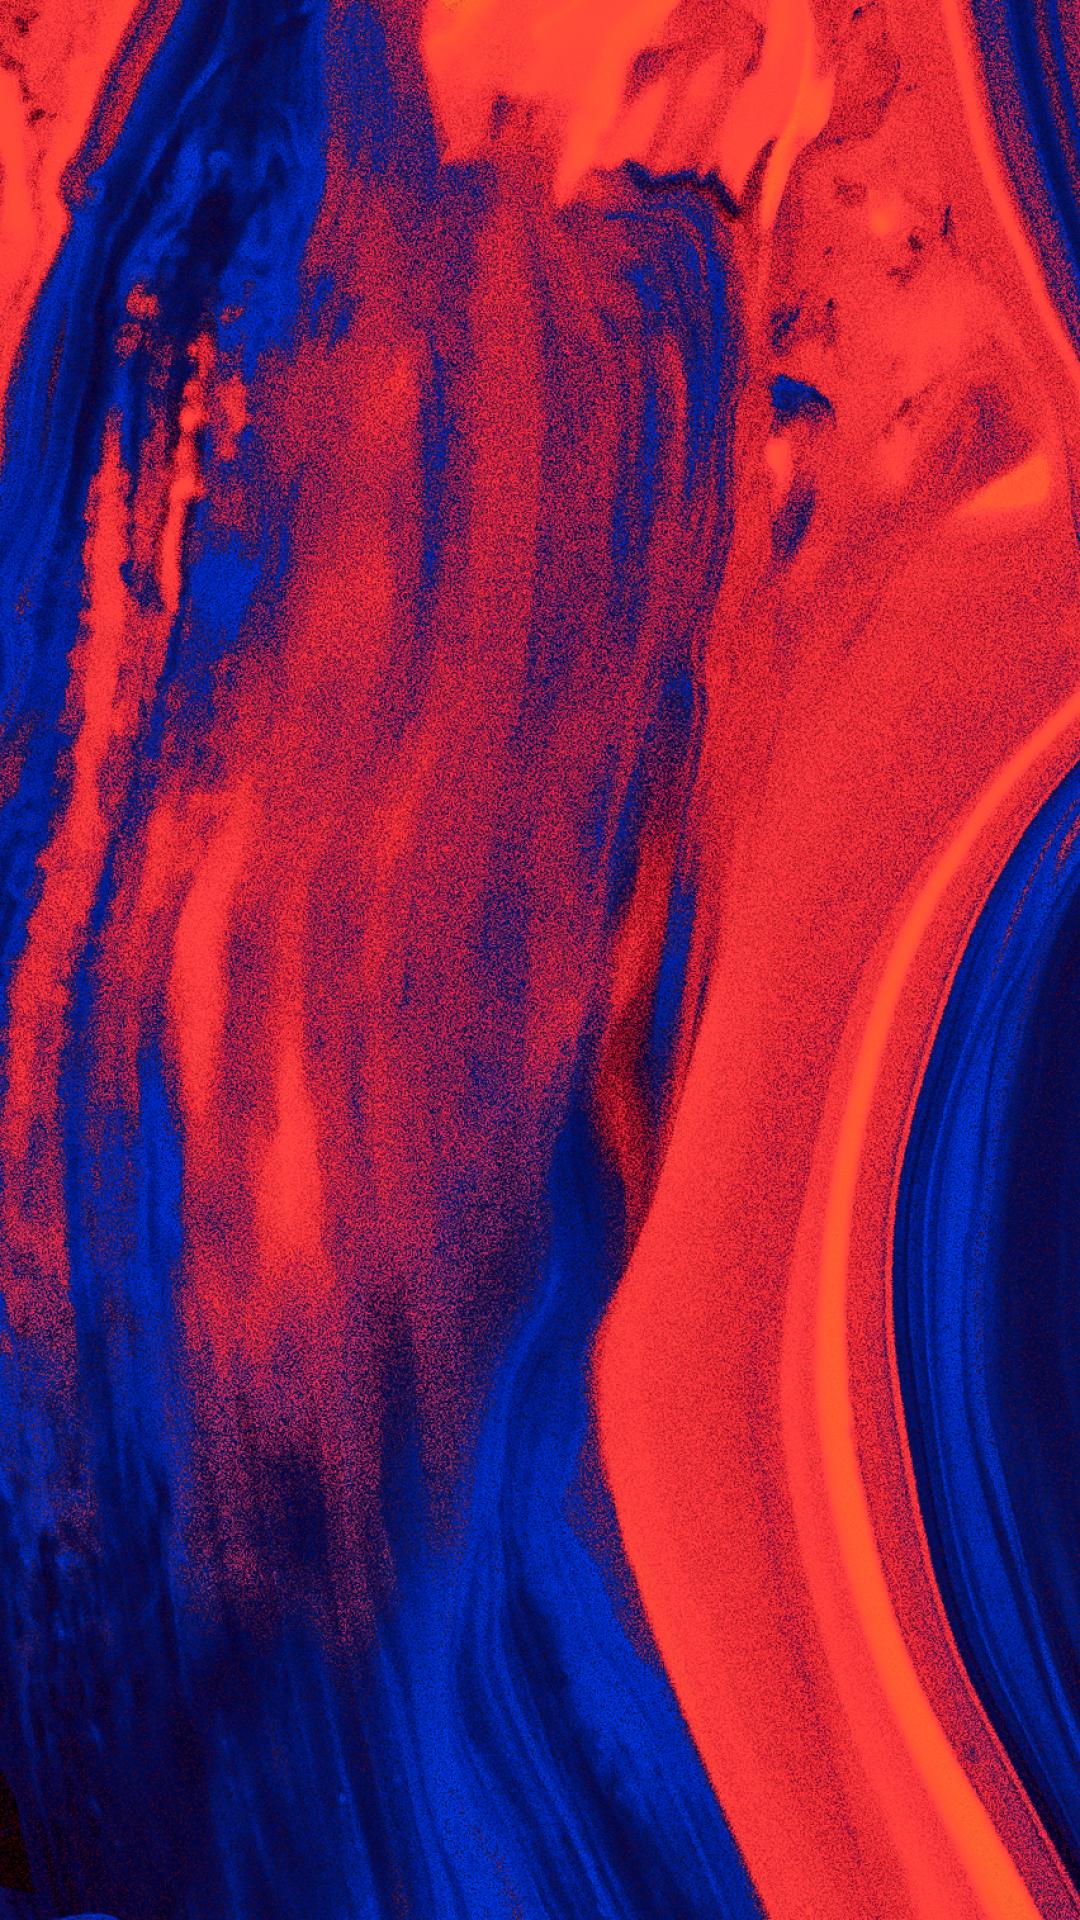 iPhone wallpaper colors abstracts0 3Wallpapers : notre sélection de fonds d'écran du 07/02/2018